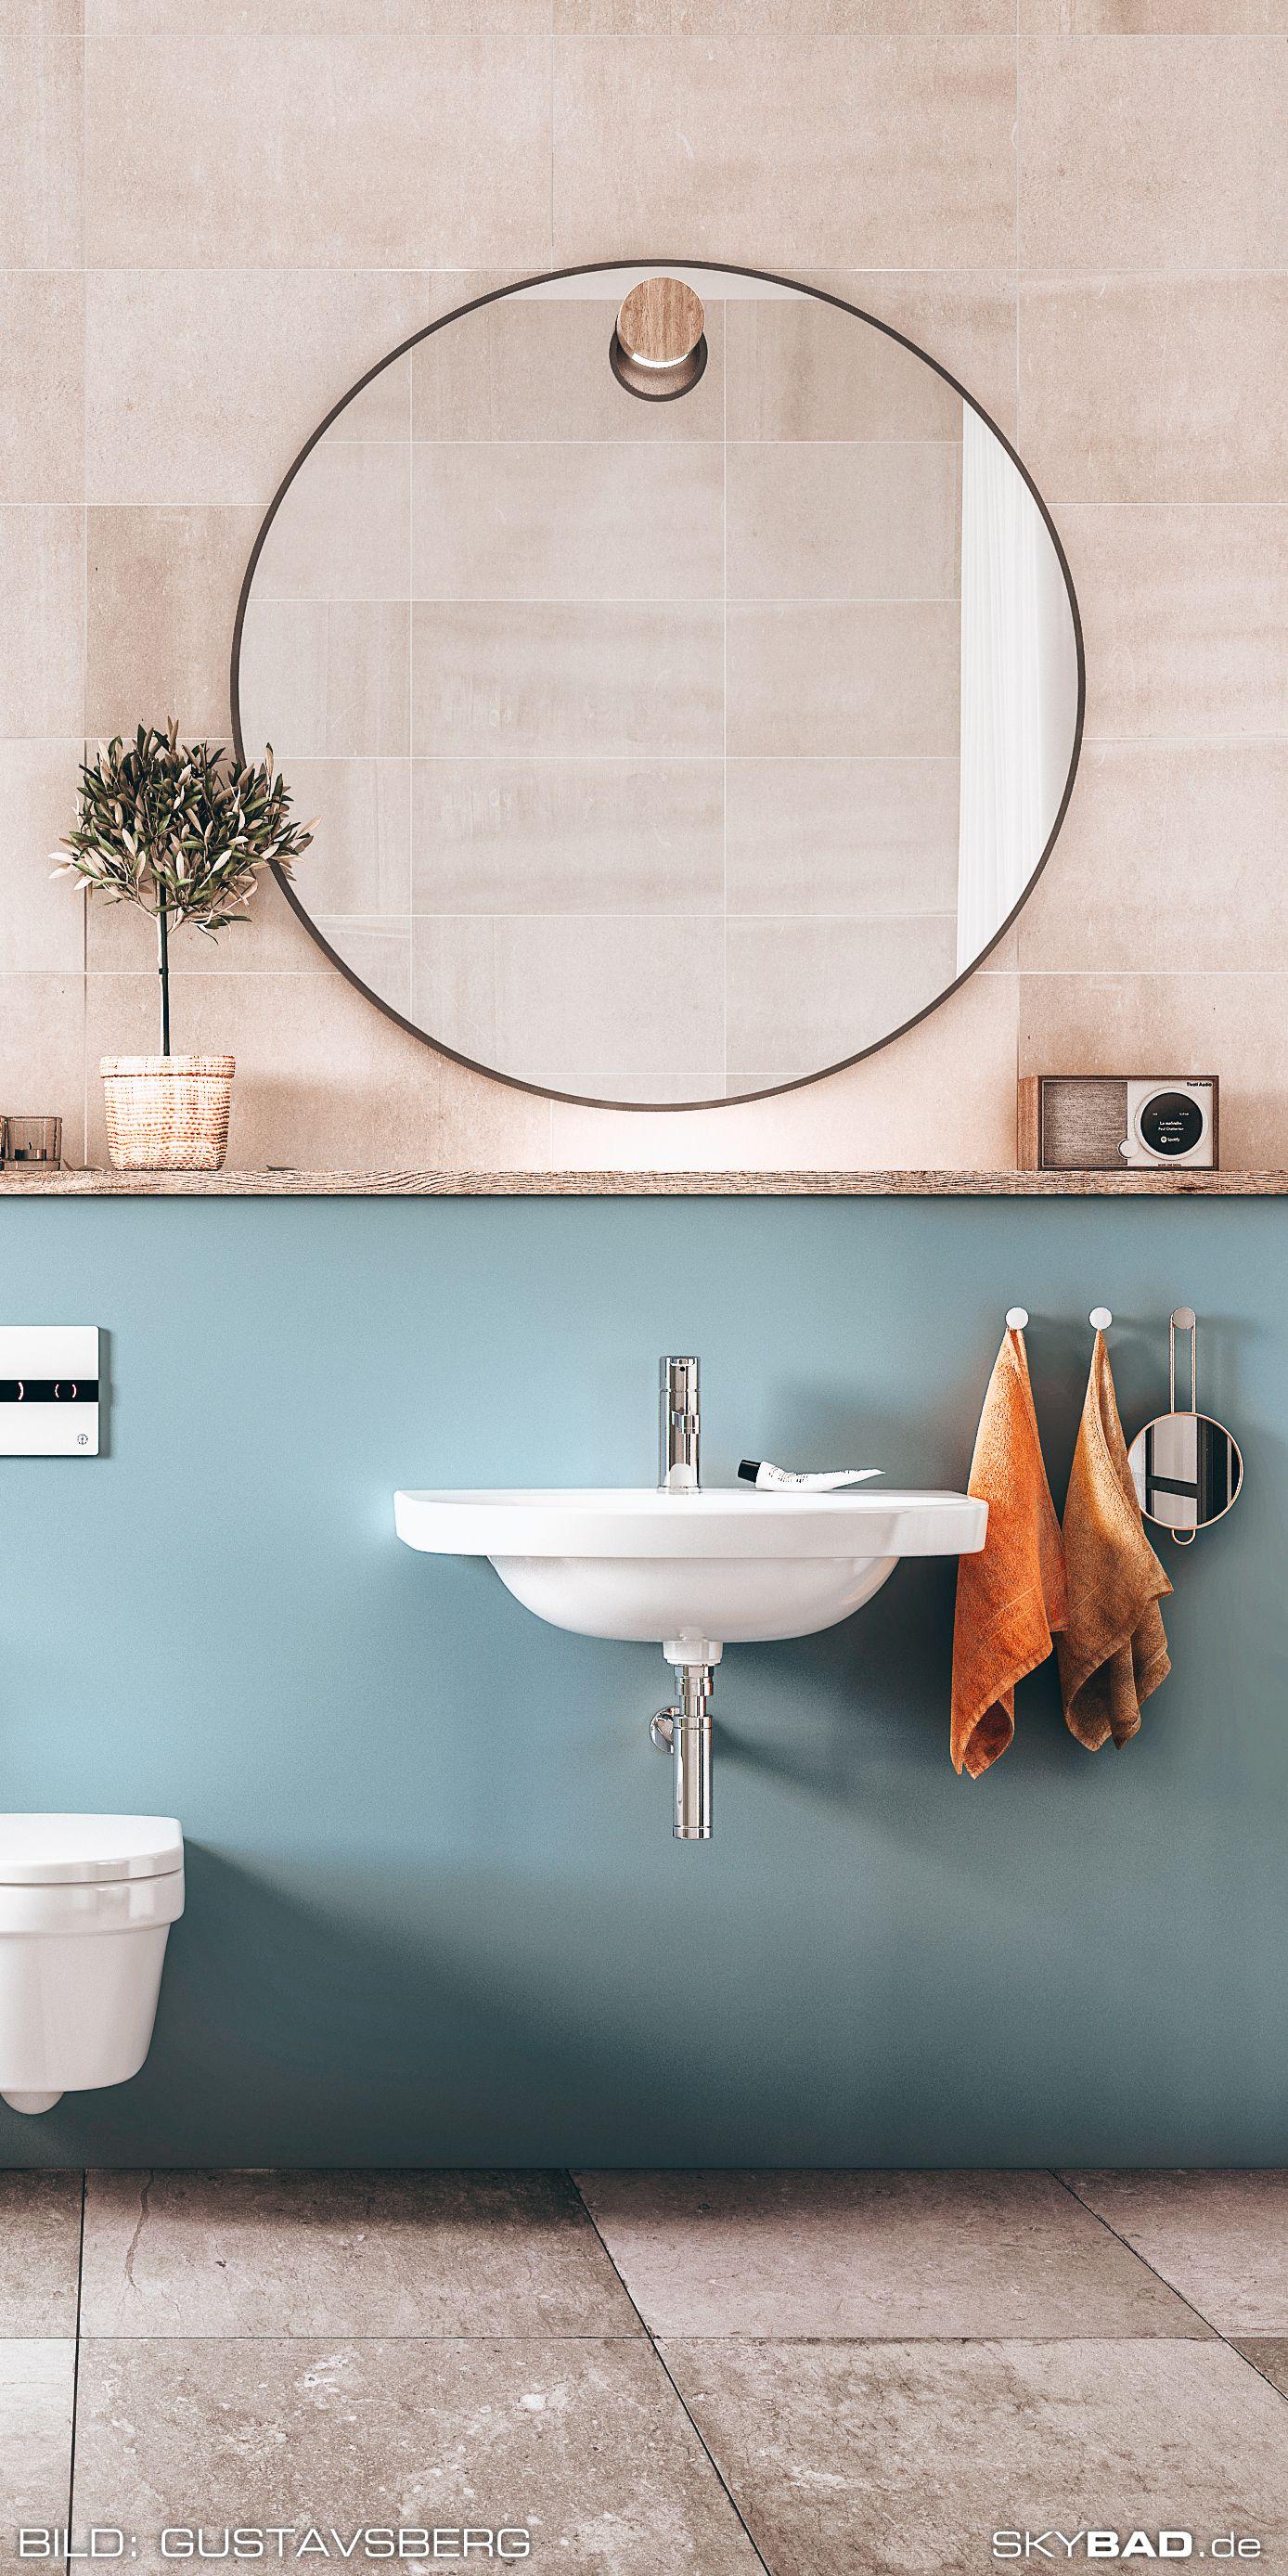 Badezimmer Verschonern Mit Rundem Vintage Spiegel Skybad De In 2020 Gaste Wc Modern Badezimmer Mit Schrage Lampen Bad